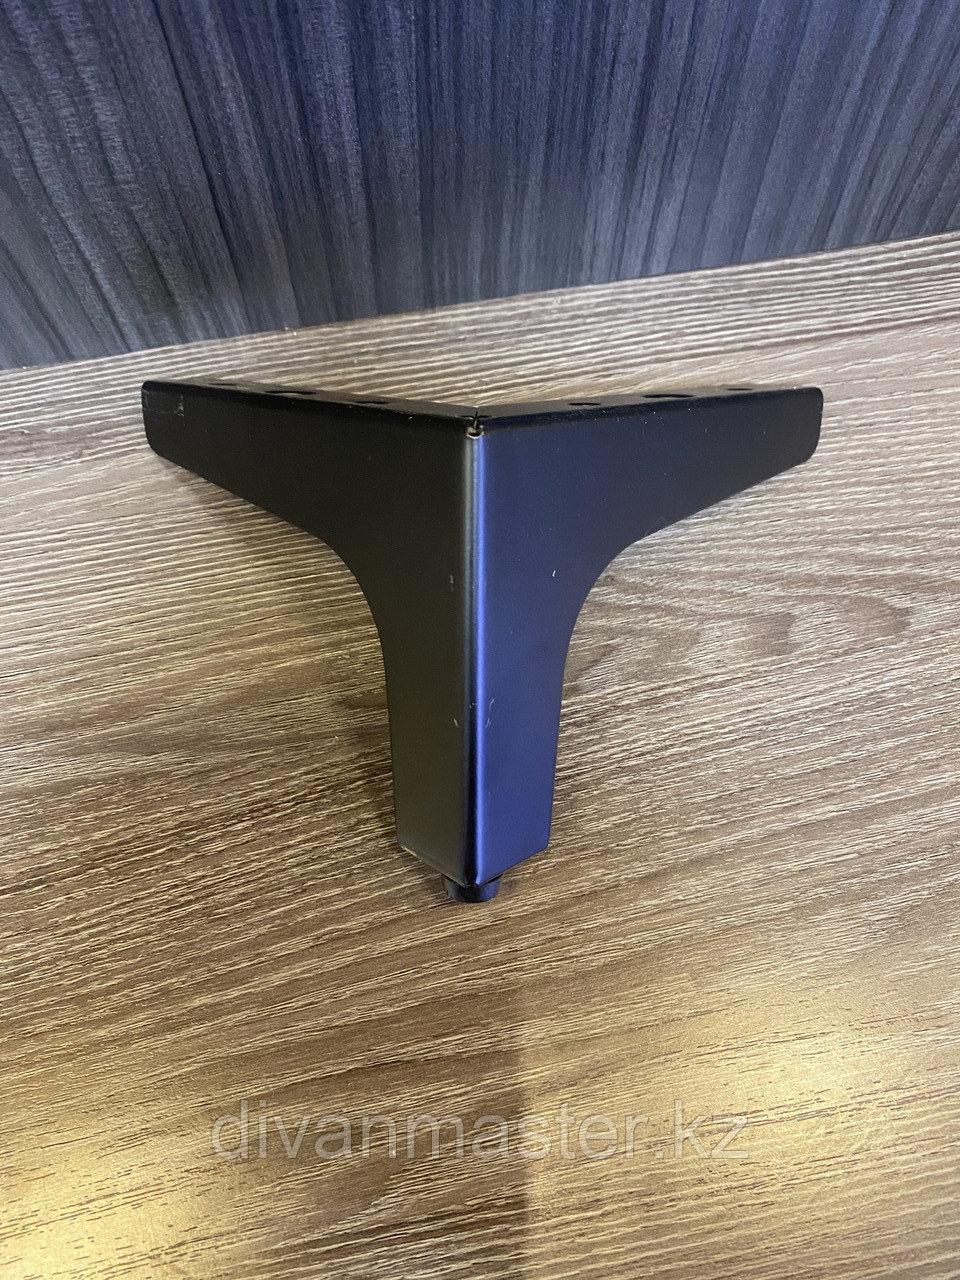 Ножка стальная, для диванов и кресел, черная 10 см